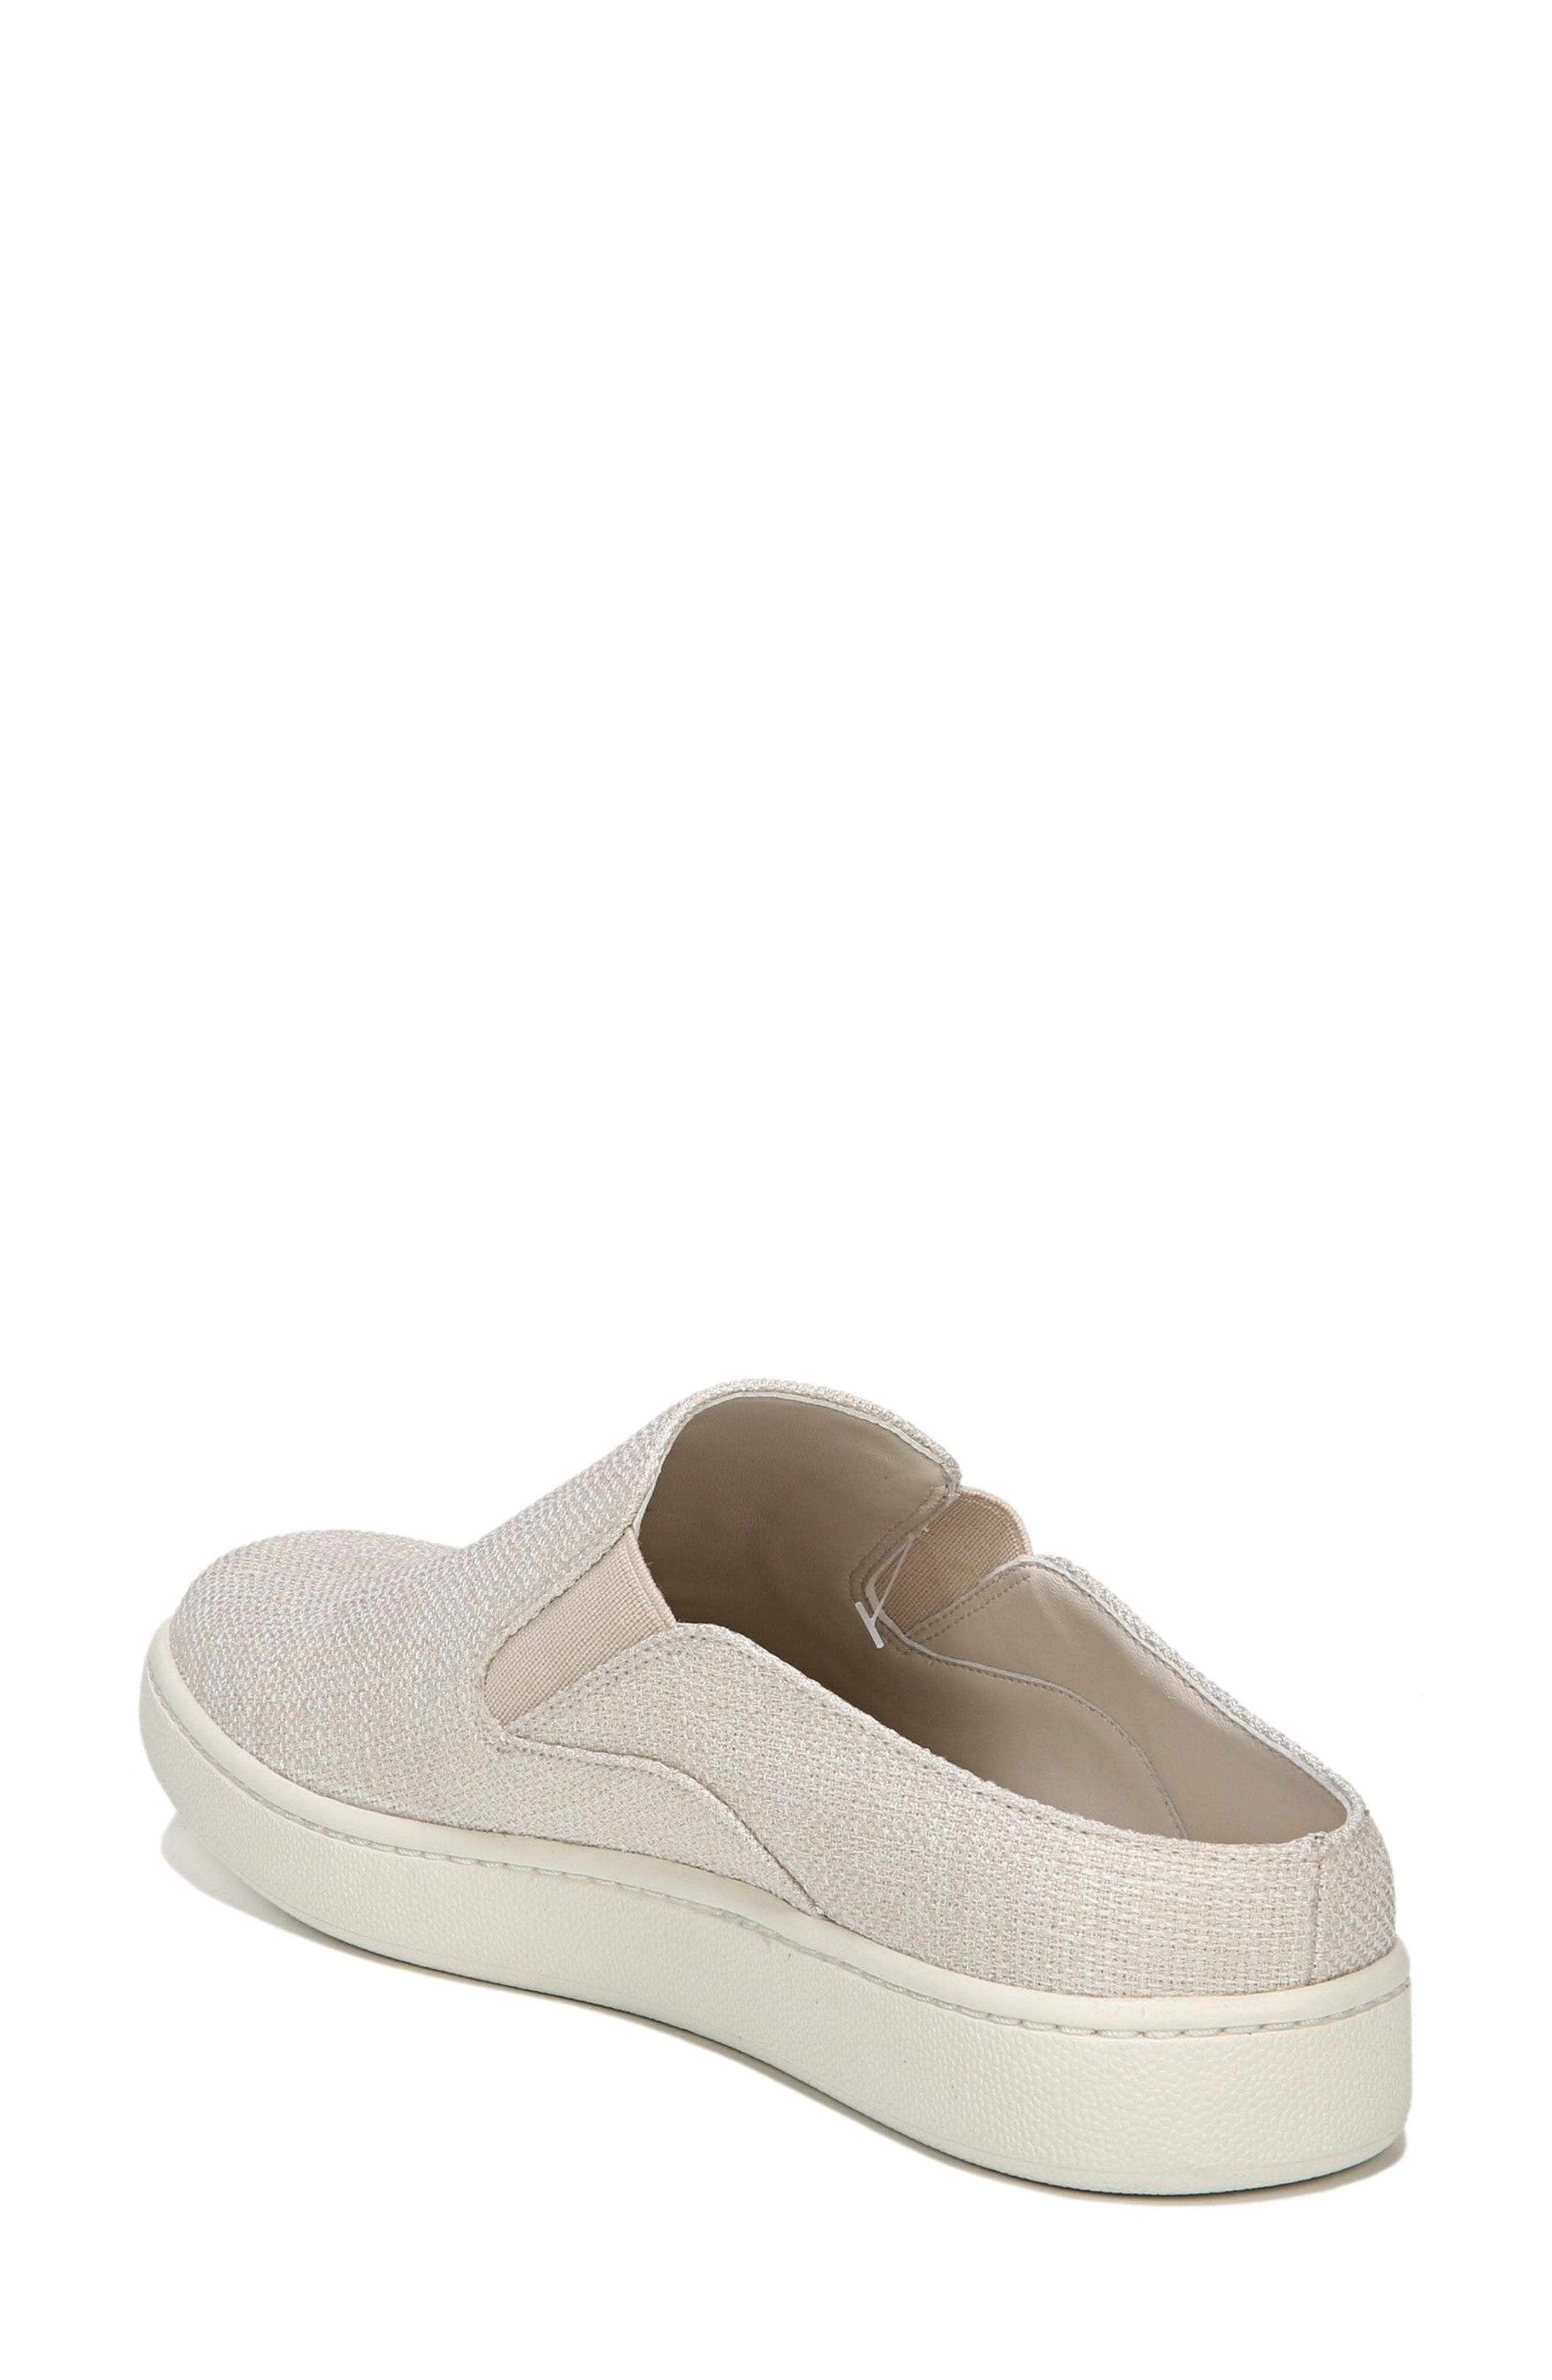 Verrell Slip-On Sneaker,                             Alternate thumbnail 19, color,